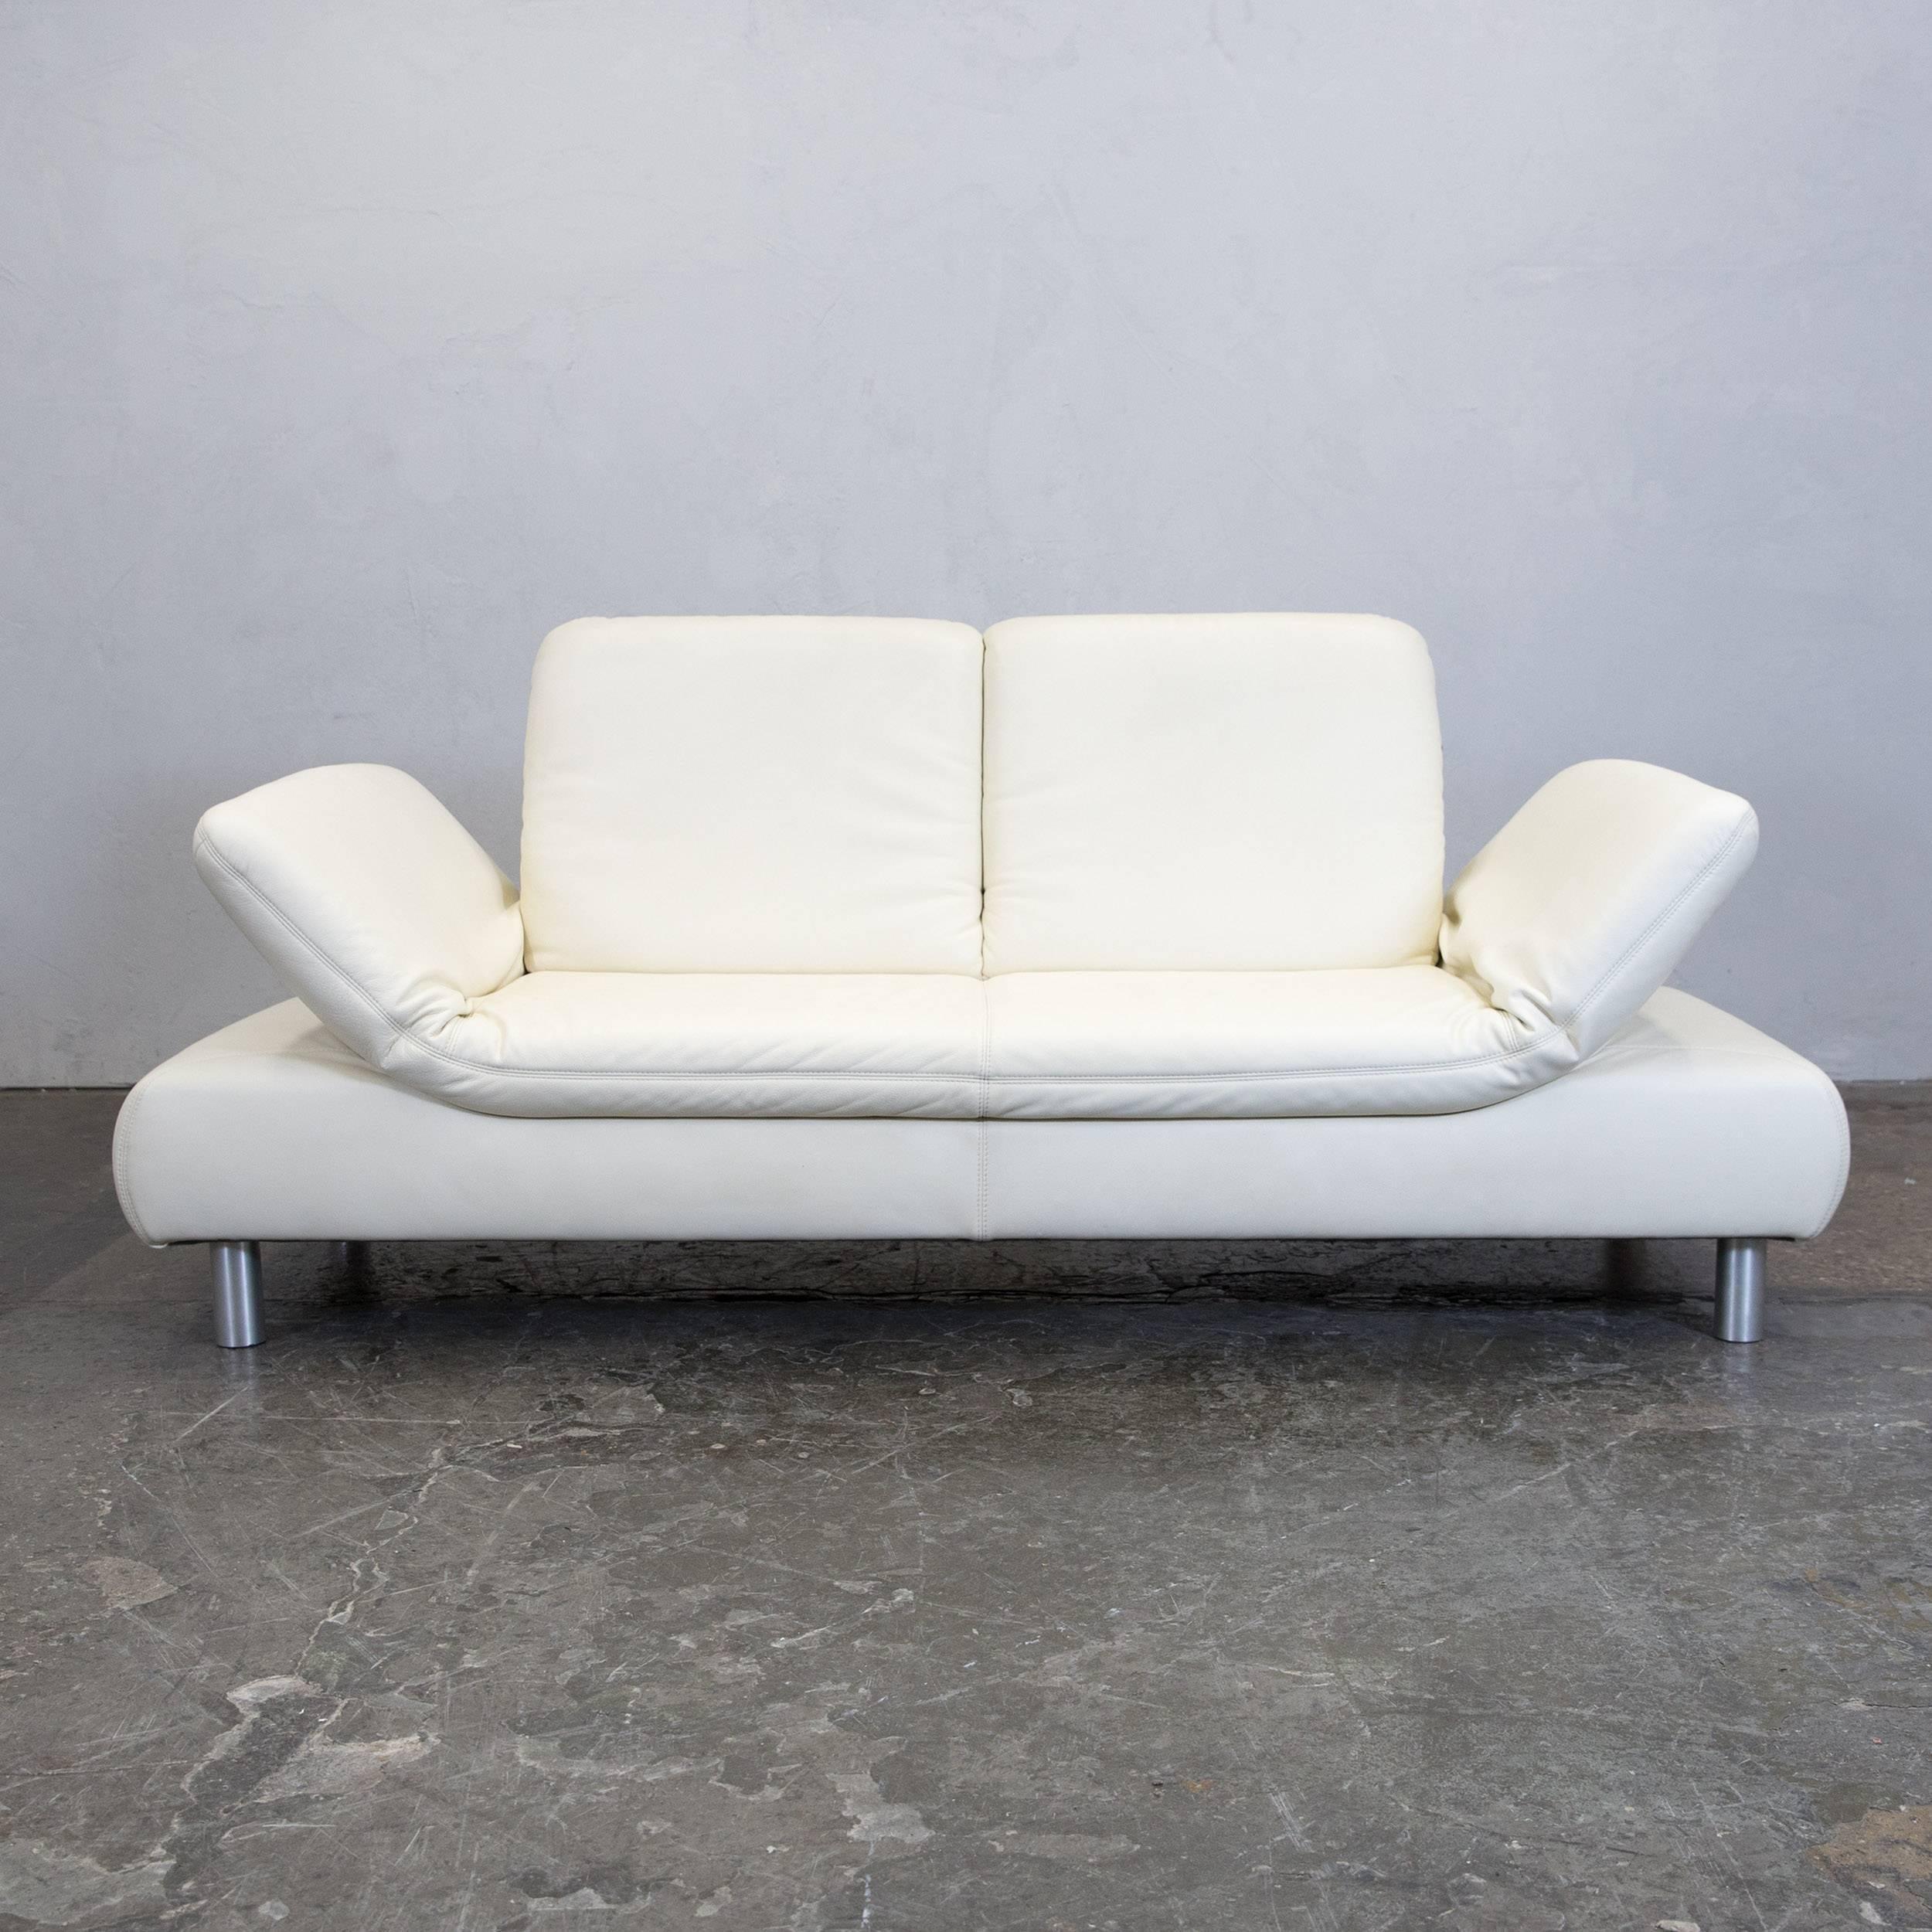 mbel sale cheap fred meyer office furniture mer enn bra. Black Bedroom Furniture Sets. Home Design Ideas